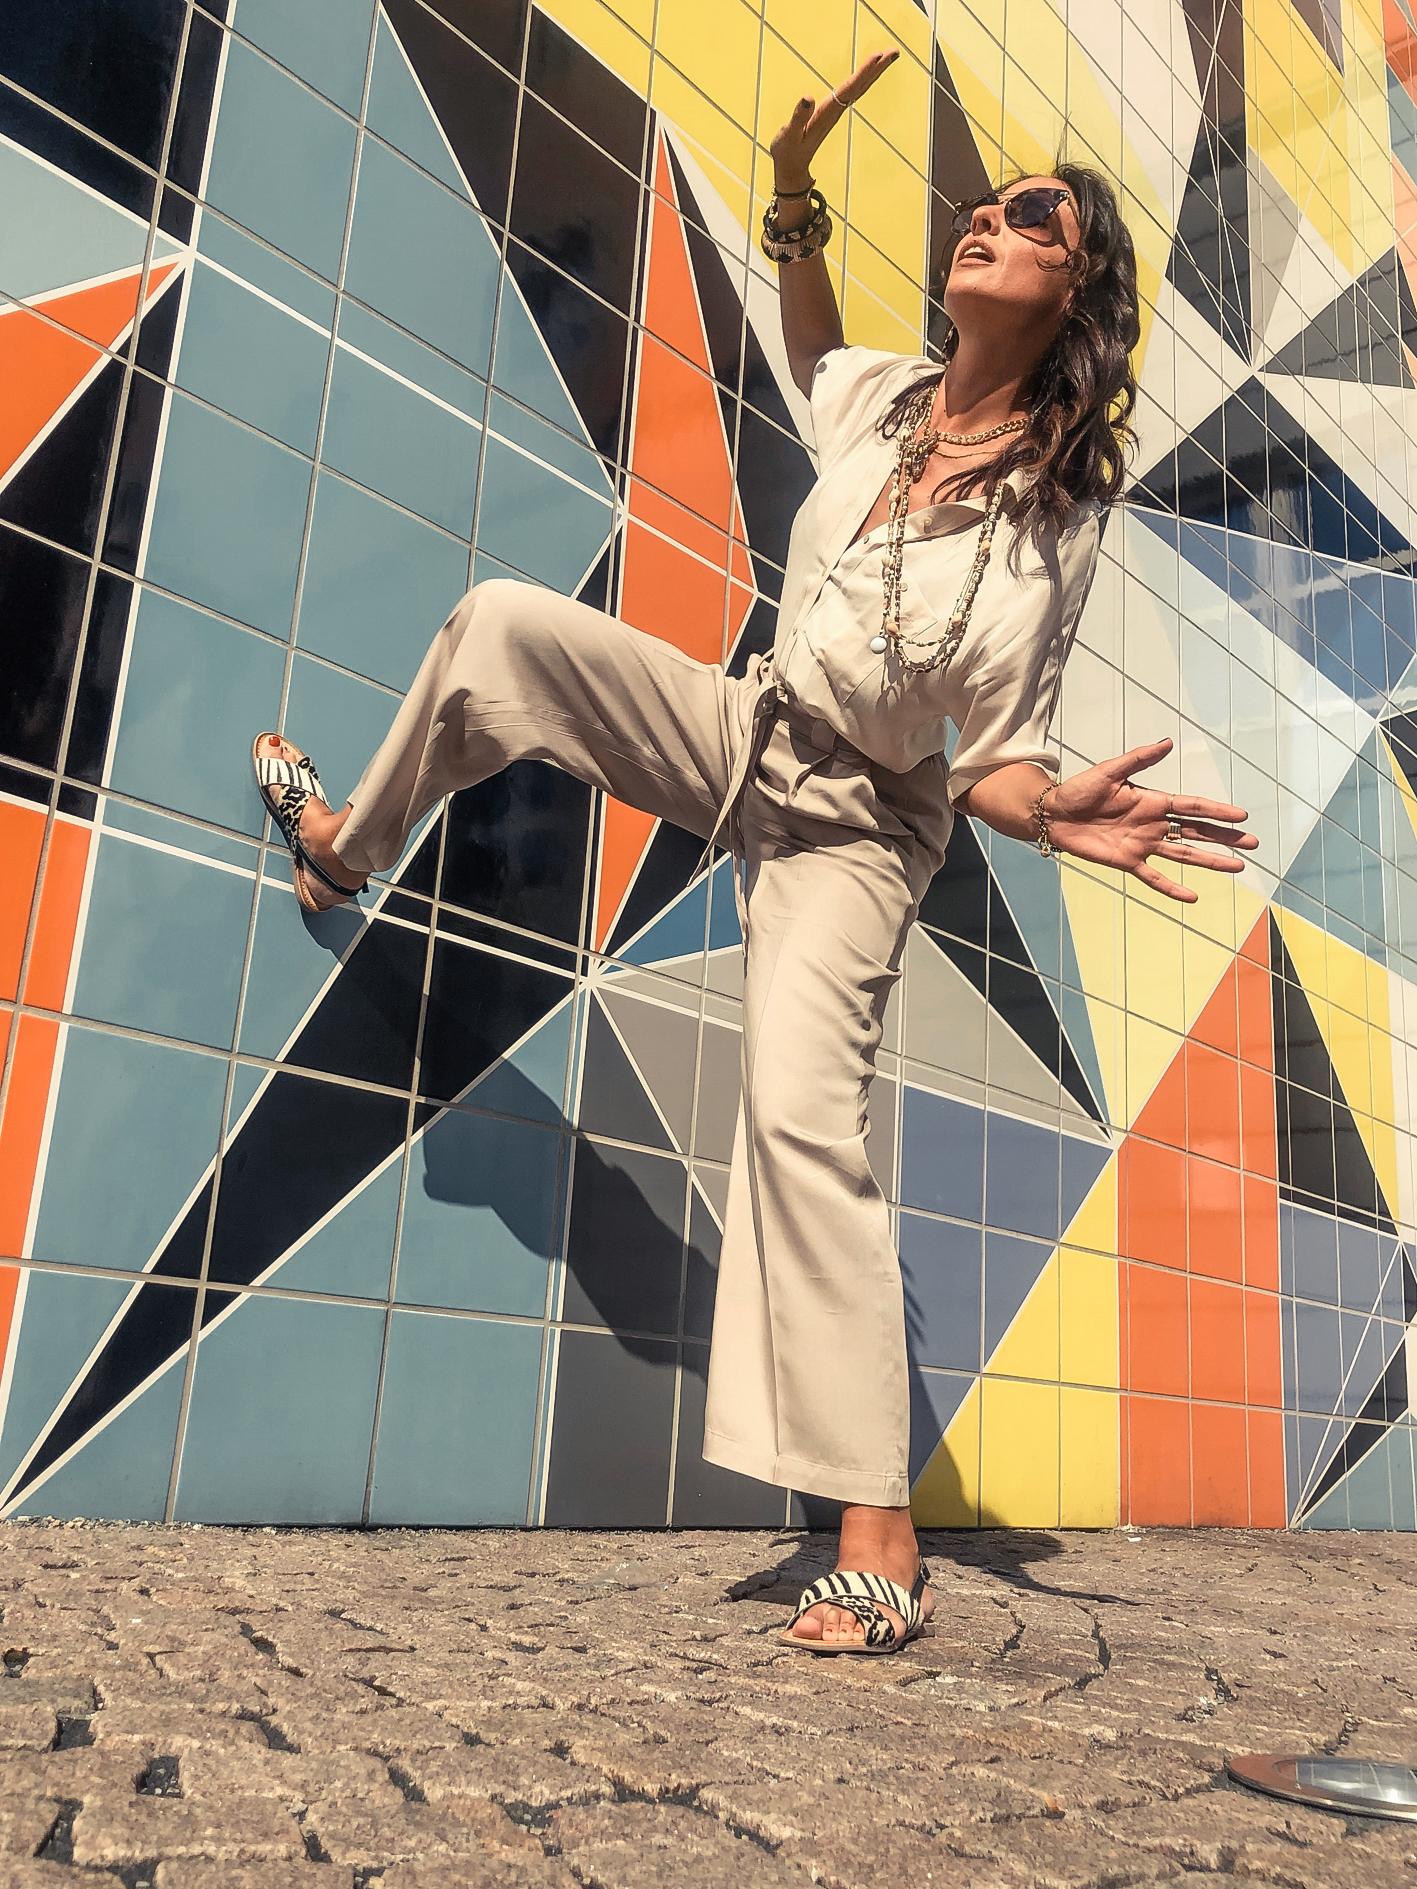 el-blog-de-silvia-visitar-dusseldorf-pared-mosaico-colores-look-pantalon-blusa-beige-01